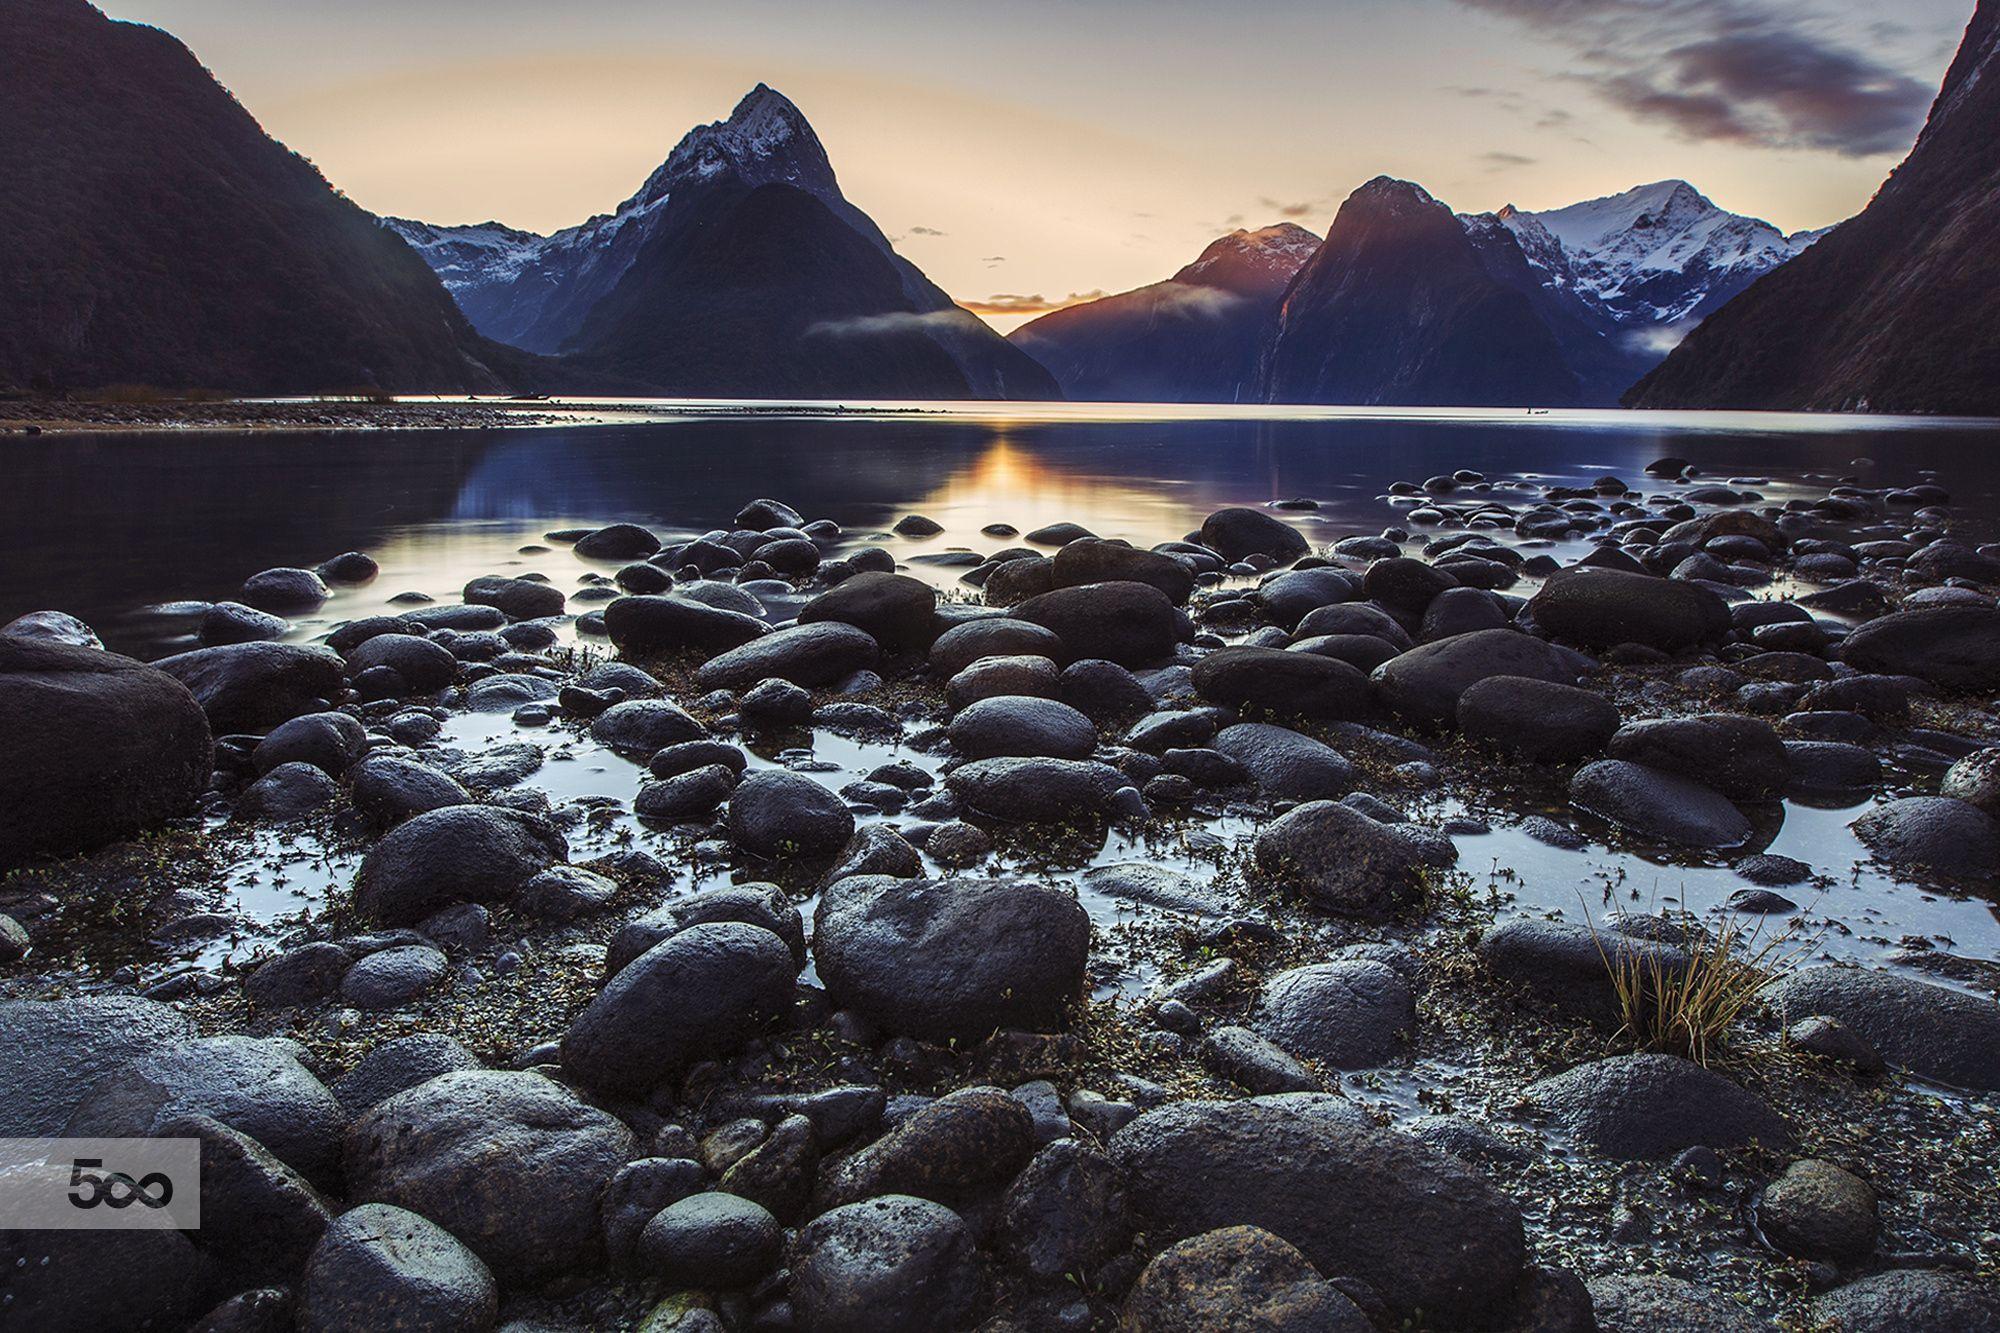 Milford Sound by Kester Rey Senson Celestino on 500px